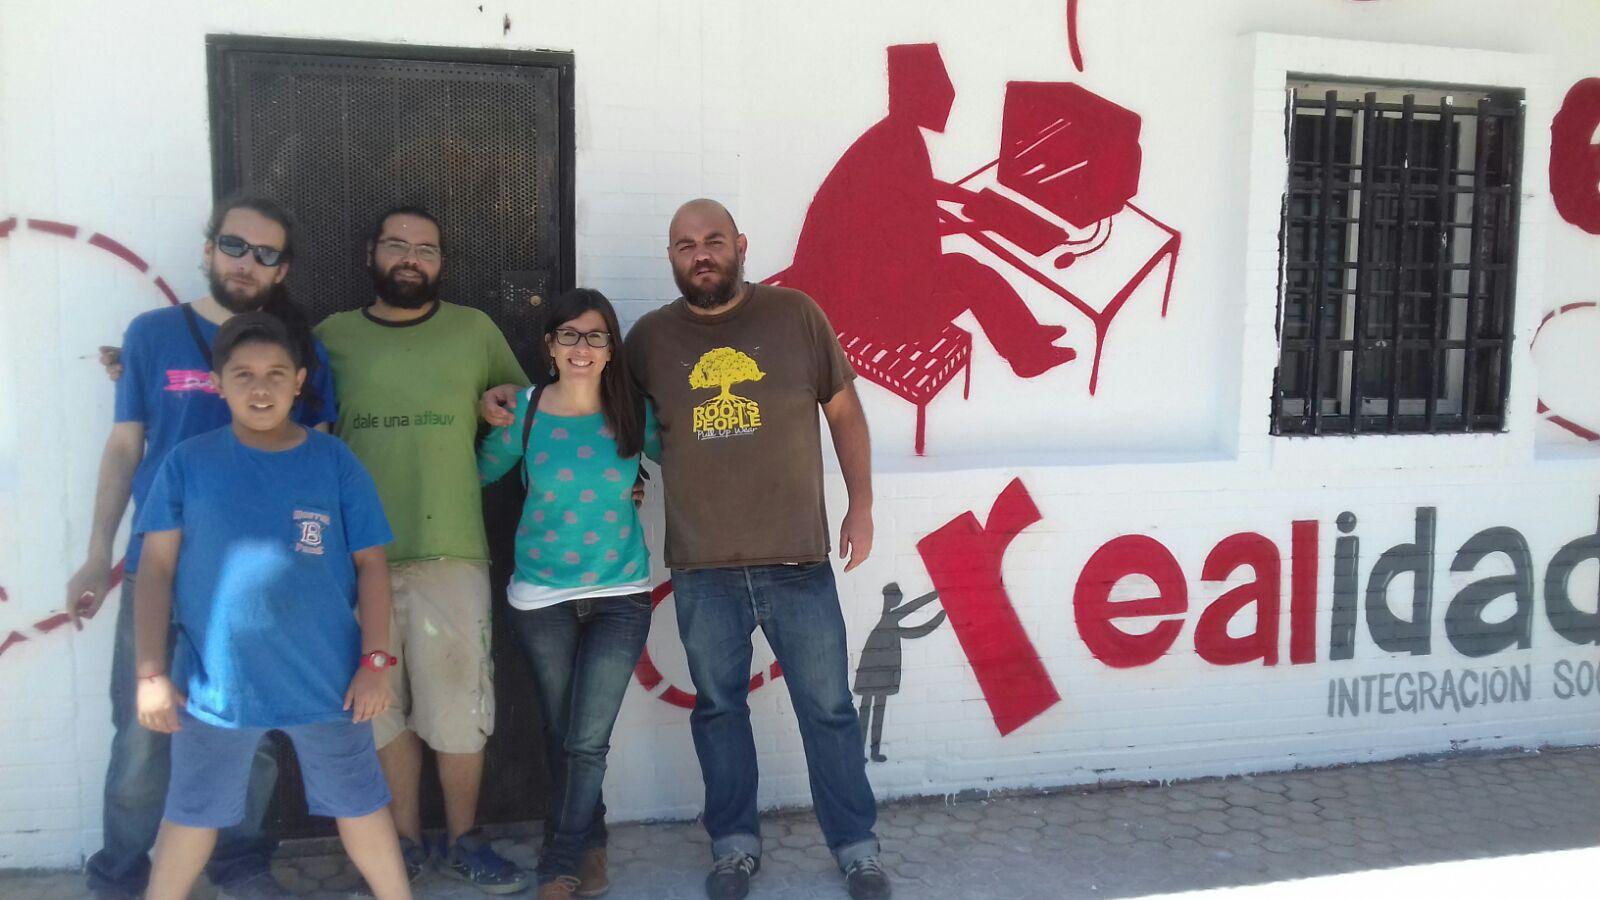 Estrenamos grafiti en la fachada de nuestro nuevo centro en el Polígono Sur de Sevilla